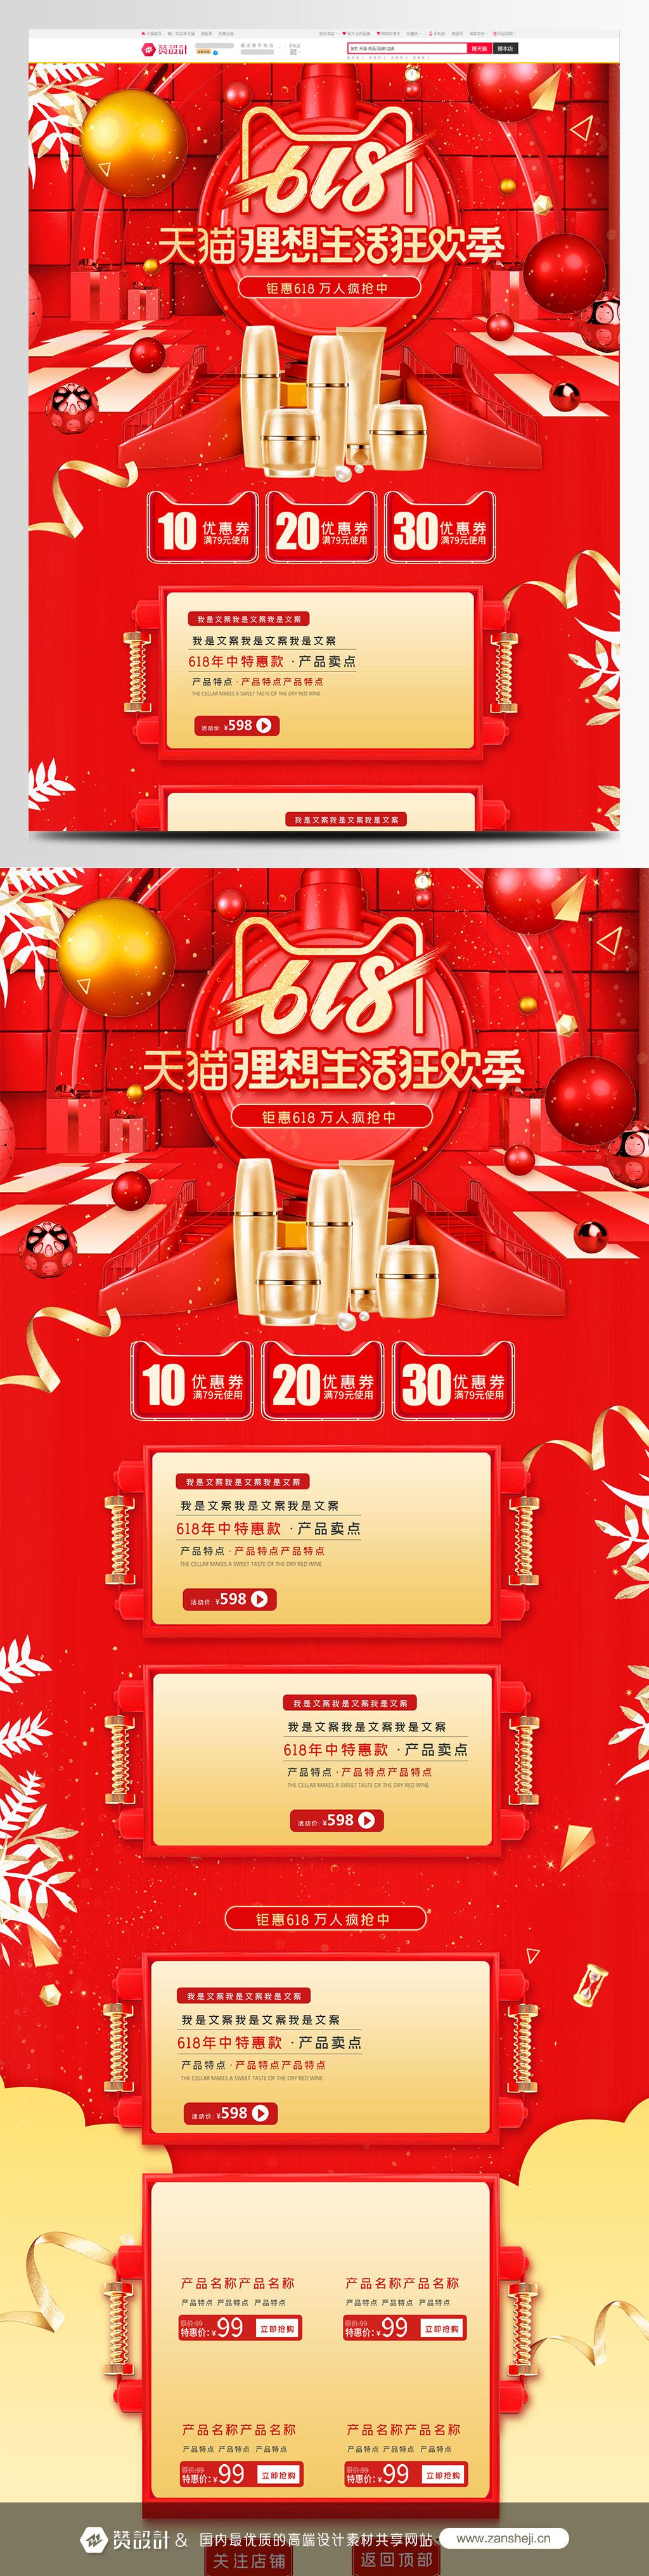 100红金立体喜庆618美妆年中大促电商首页